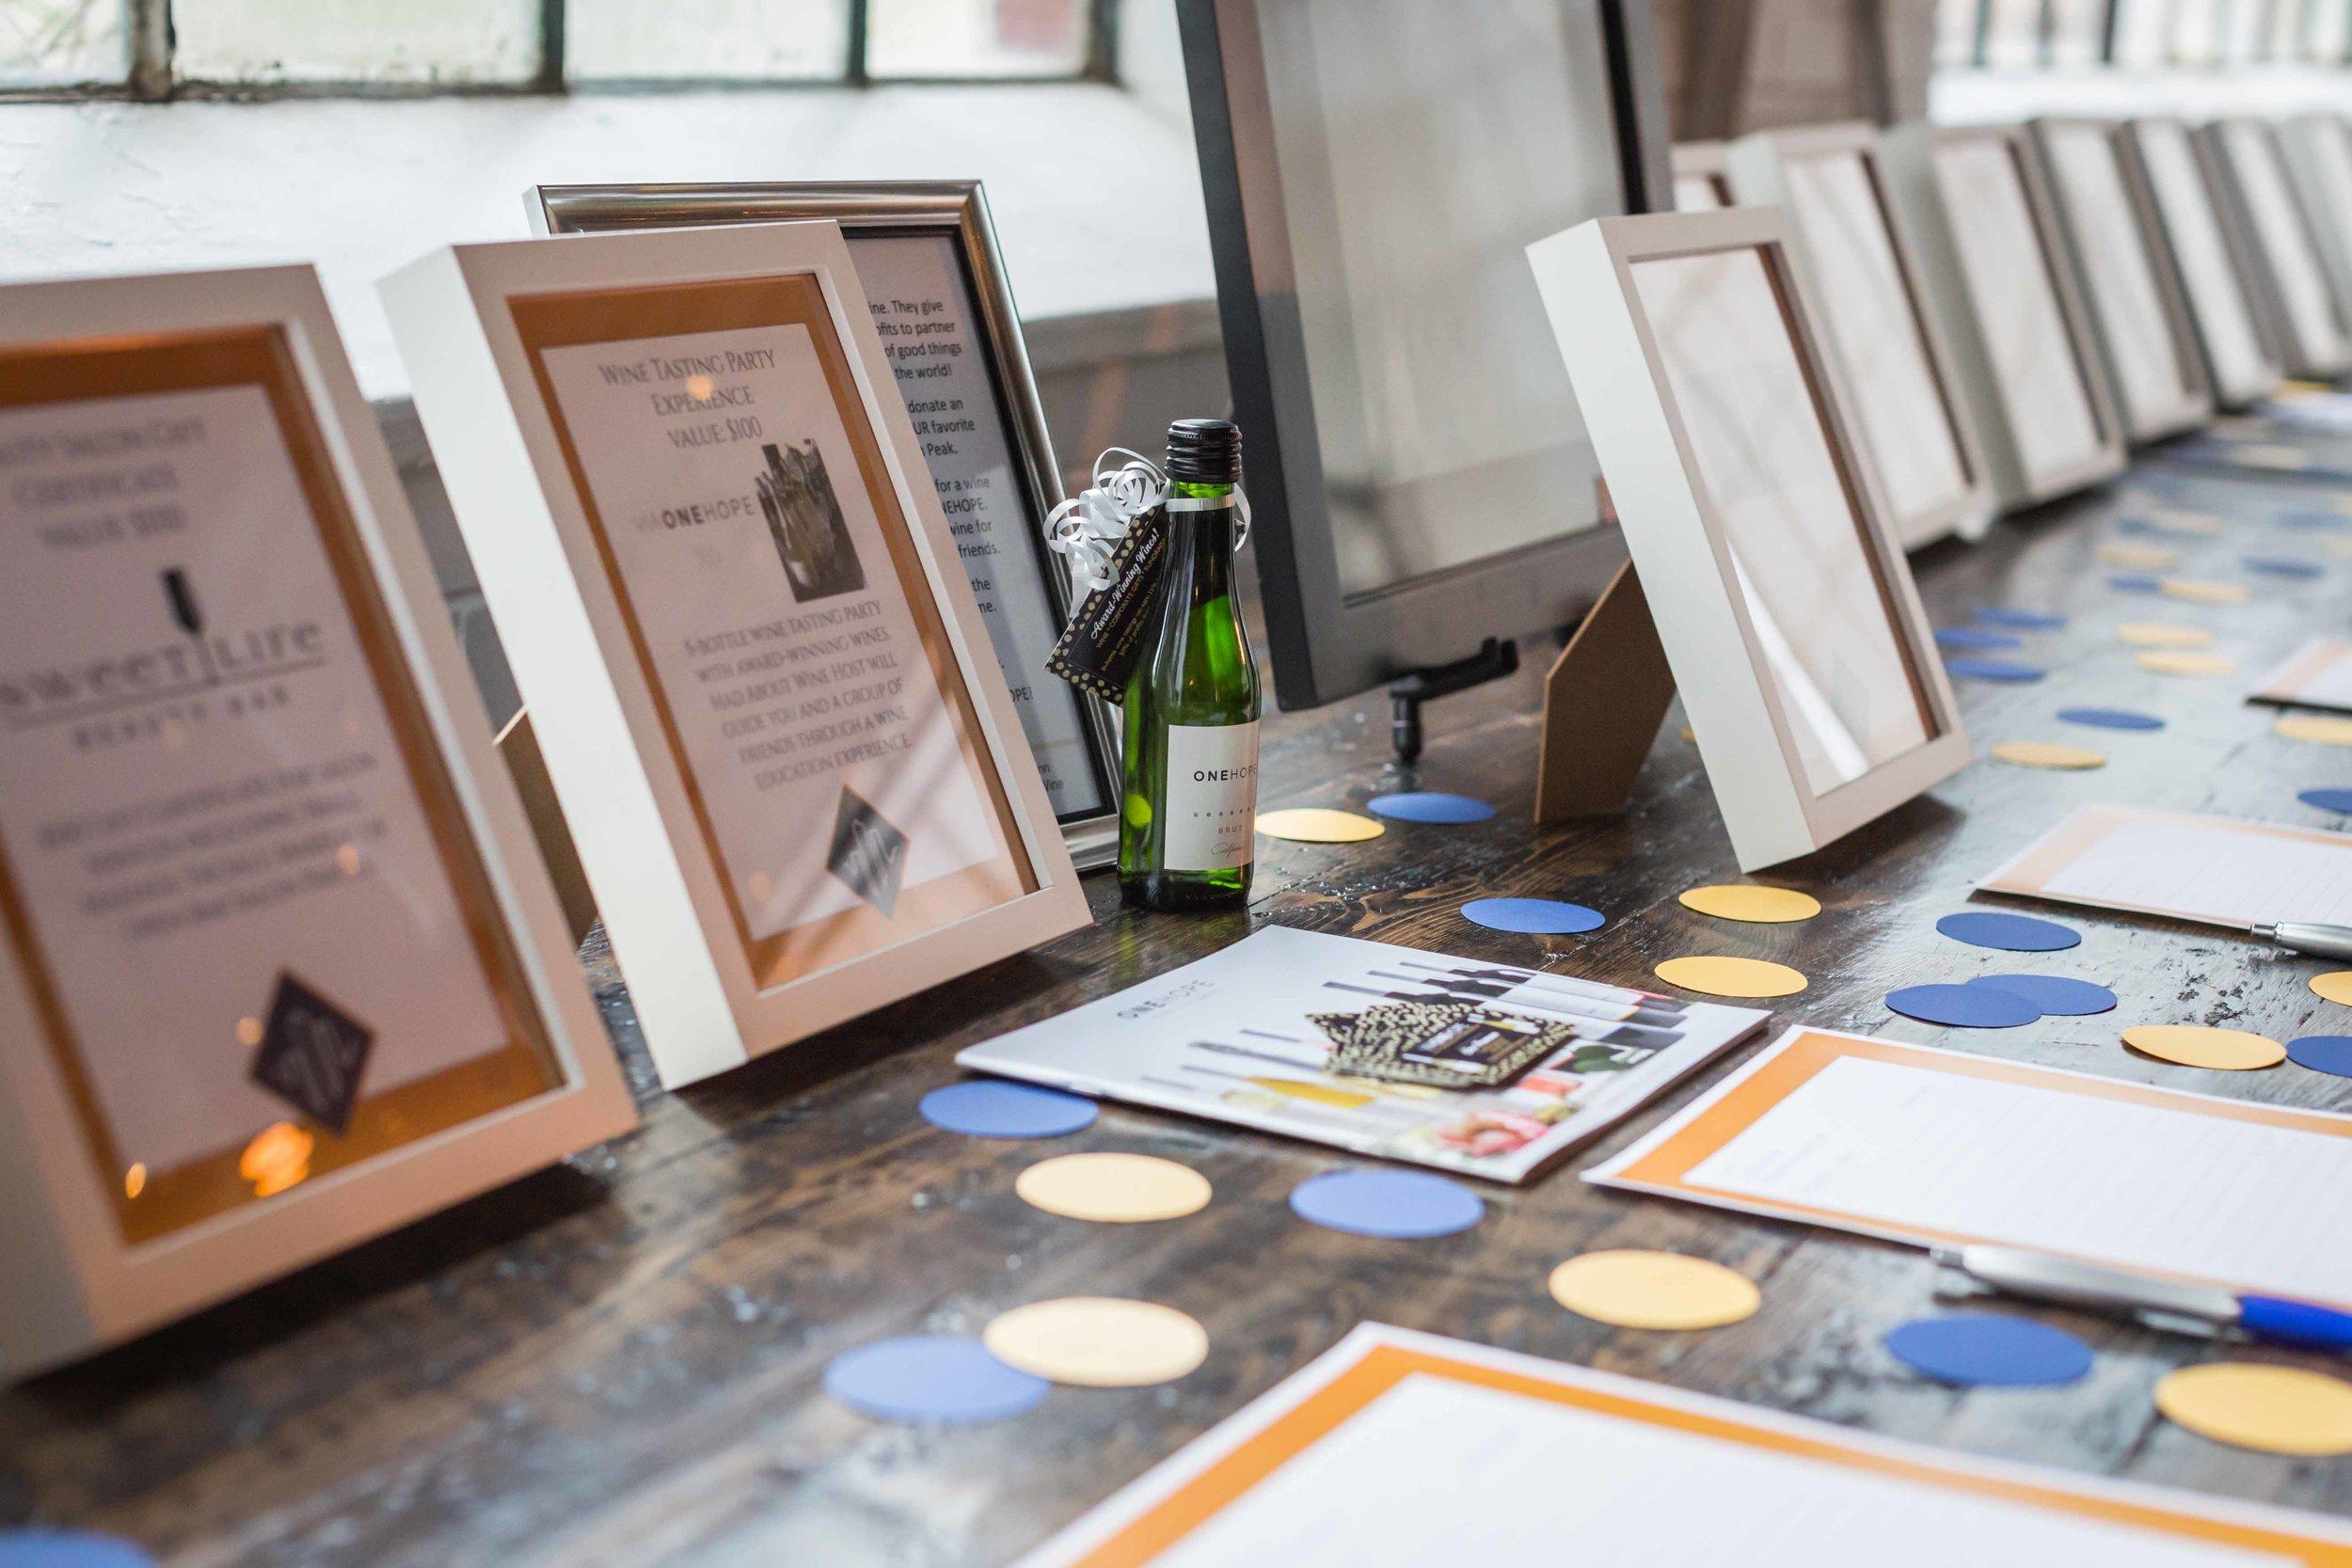 Brilliance_Awards_Photos-5.jpg